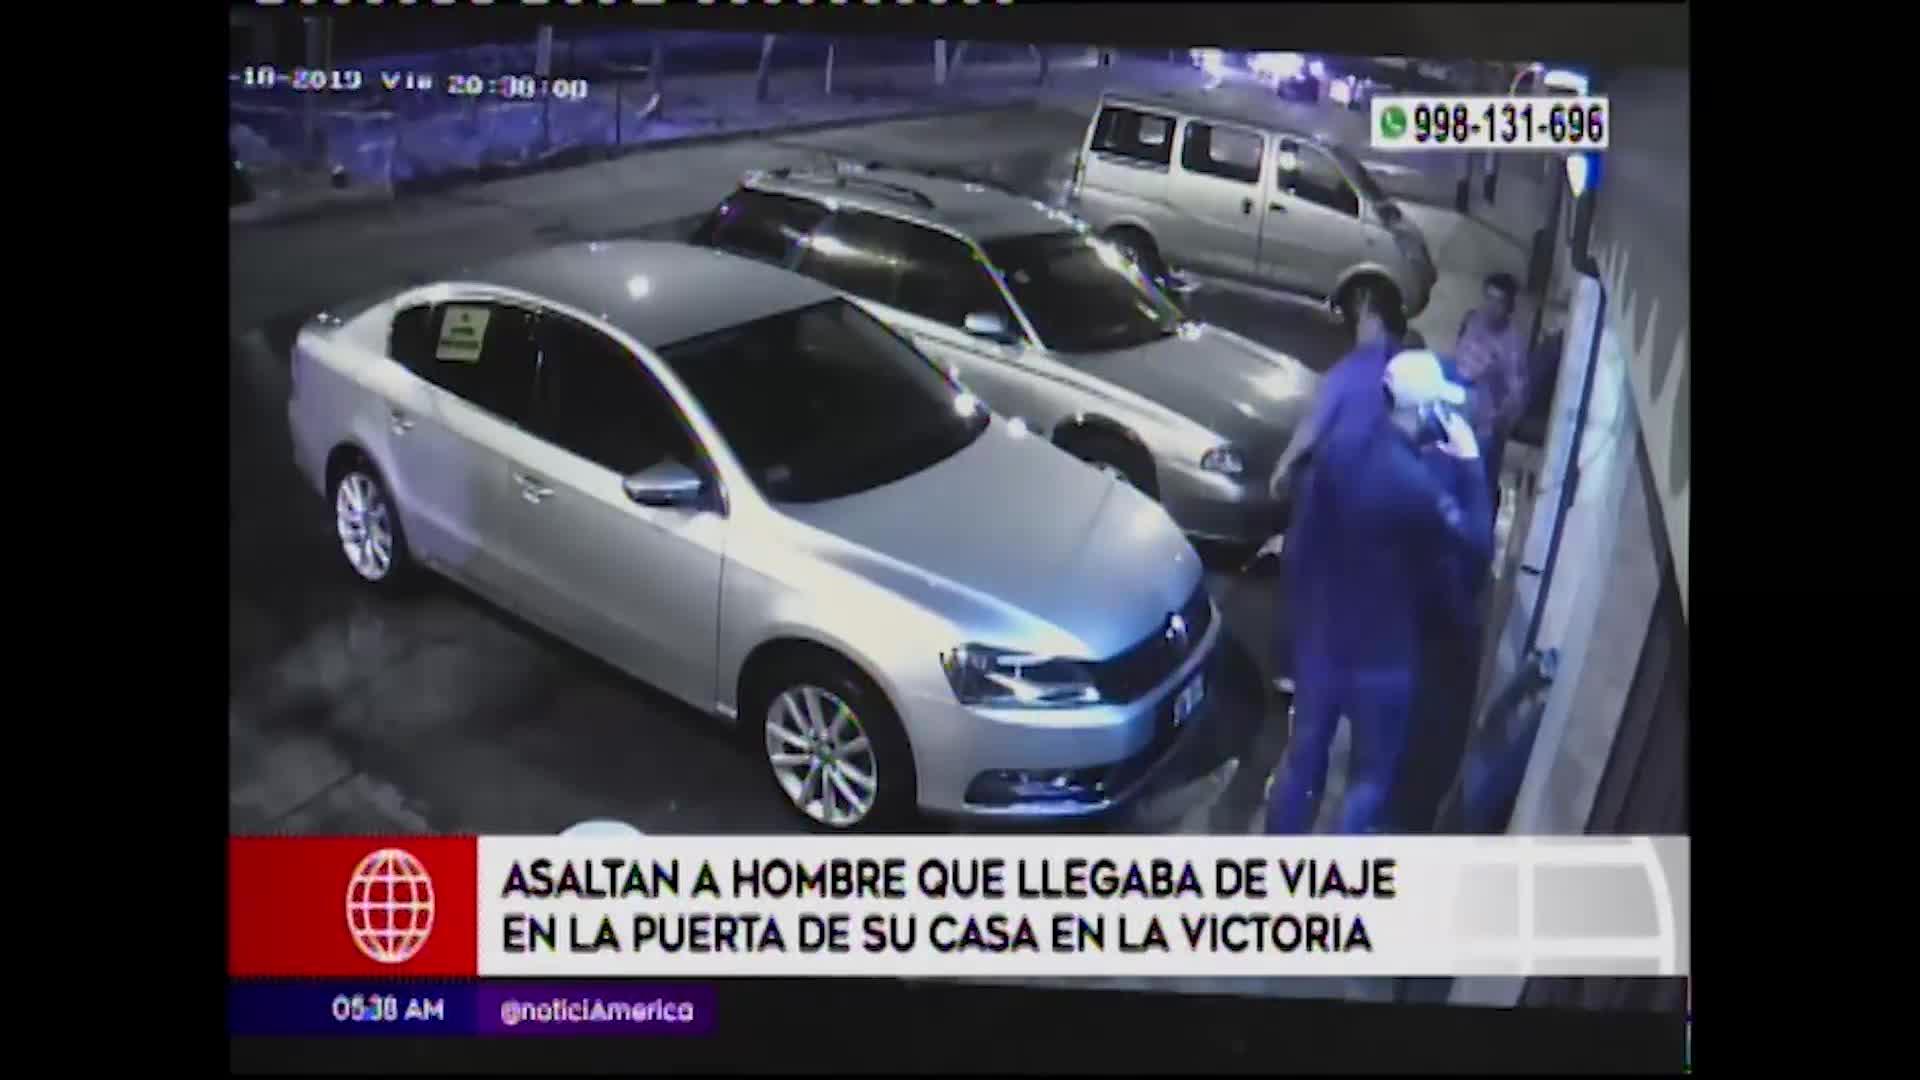 La Victoria: asaltan a hombre en la puerta de su vivienda